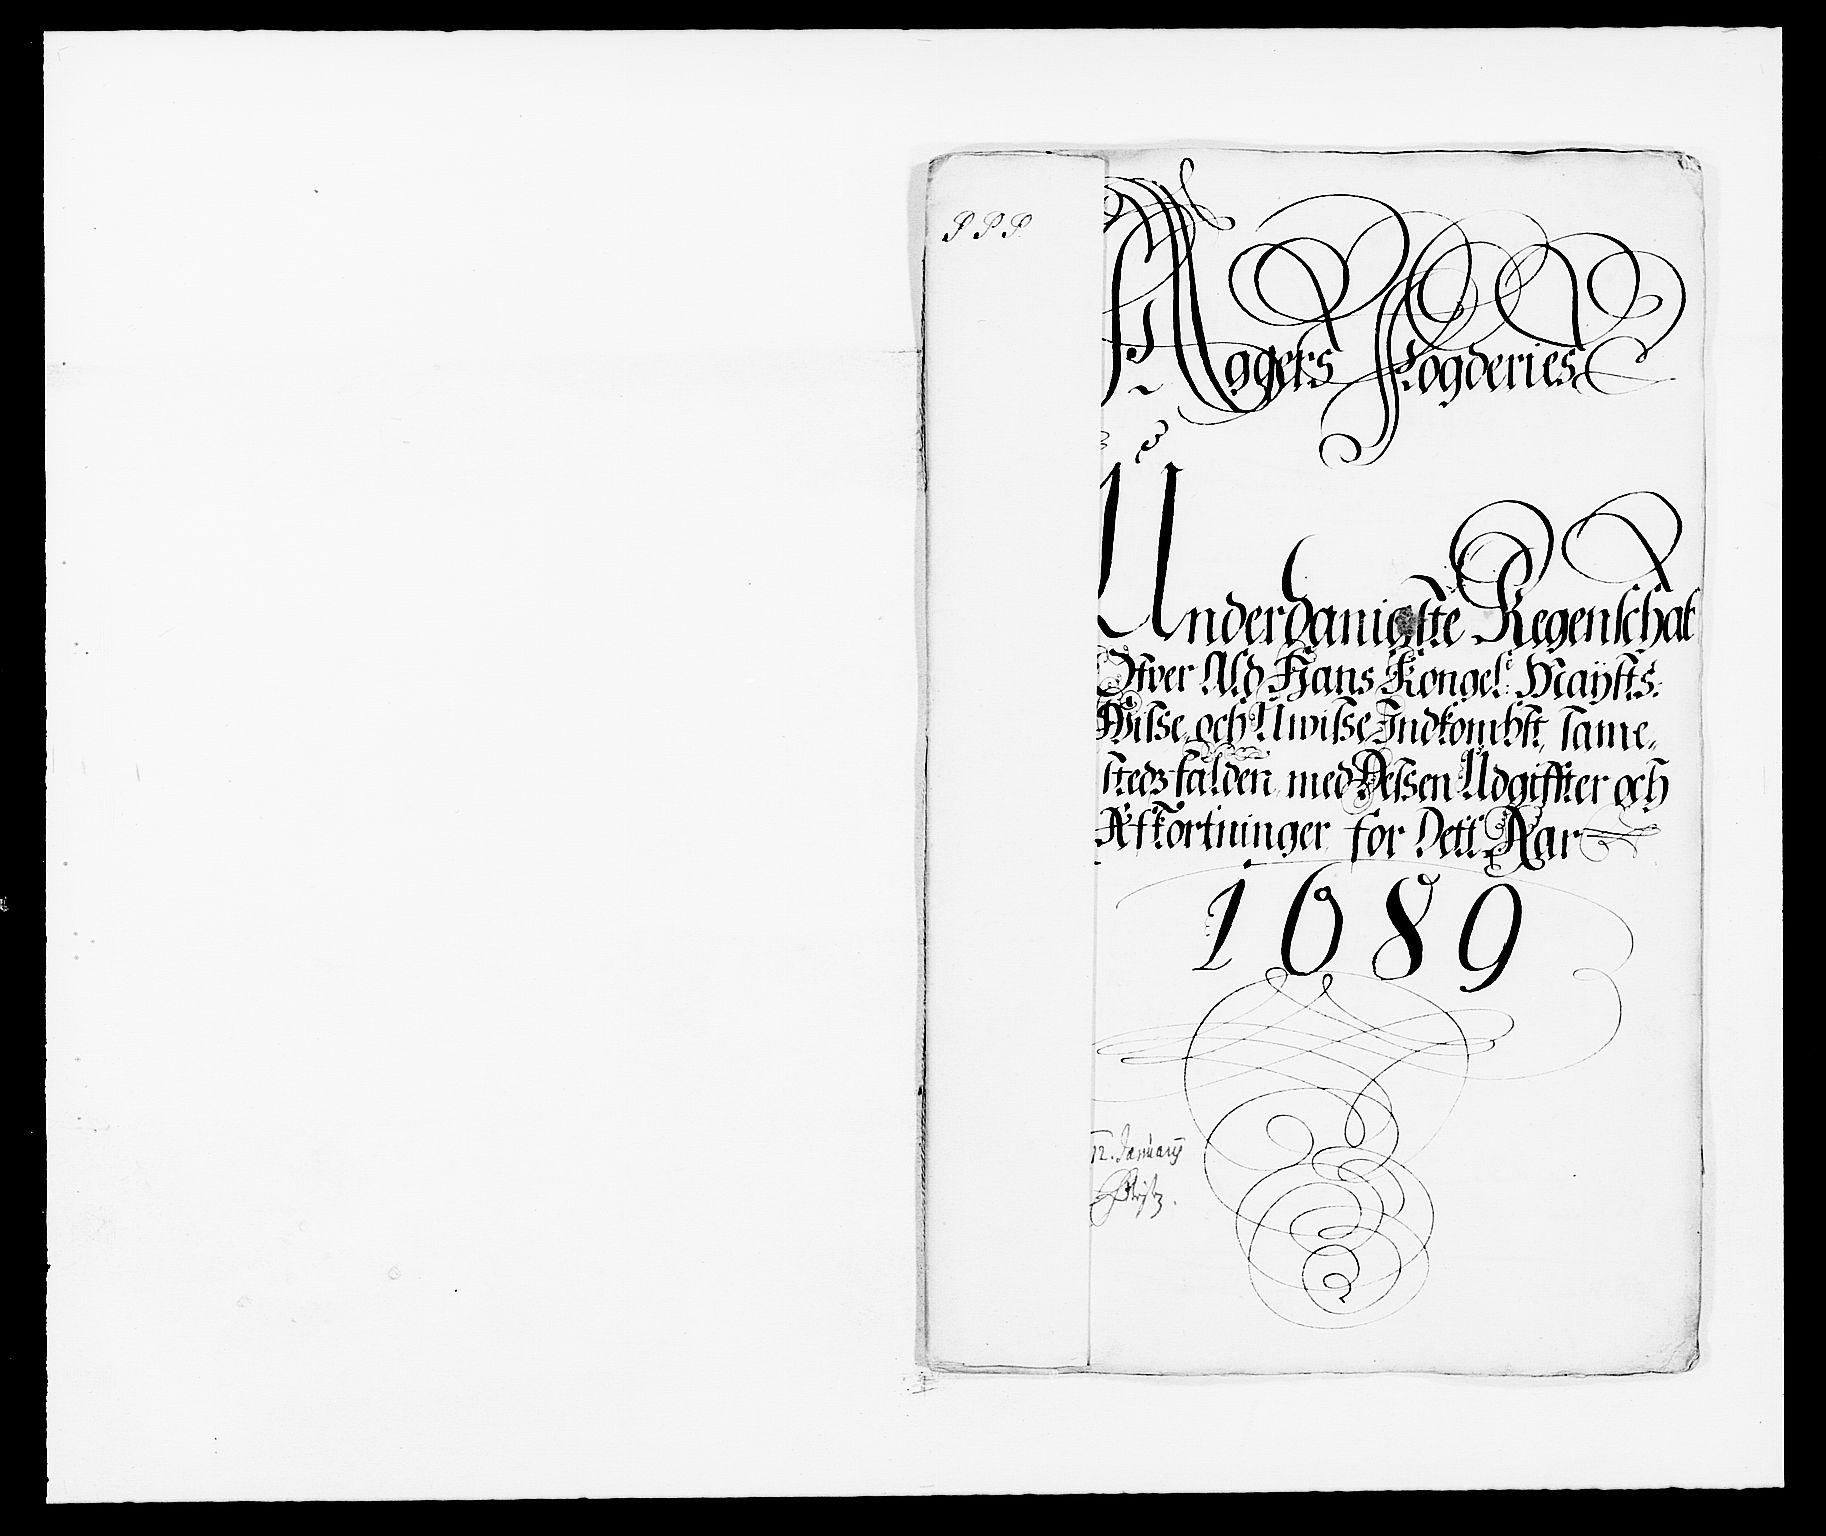 RA, Rentekammeret inntil 1814, Reviderte regnskaper, Fogderegnskap, R08/L0423: Fogderegnskap Aker, 1687-1689, s. 2